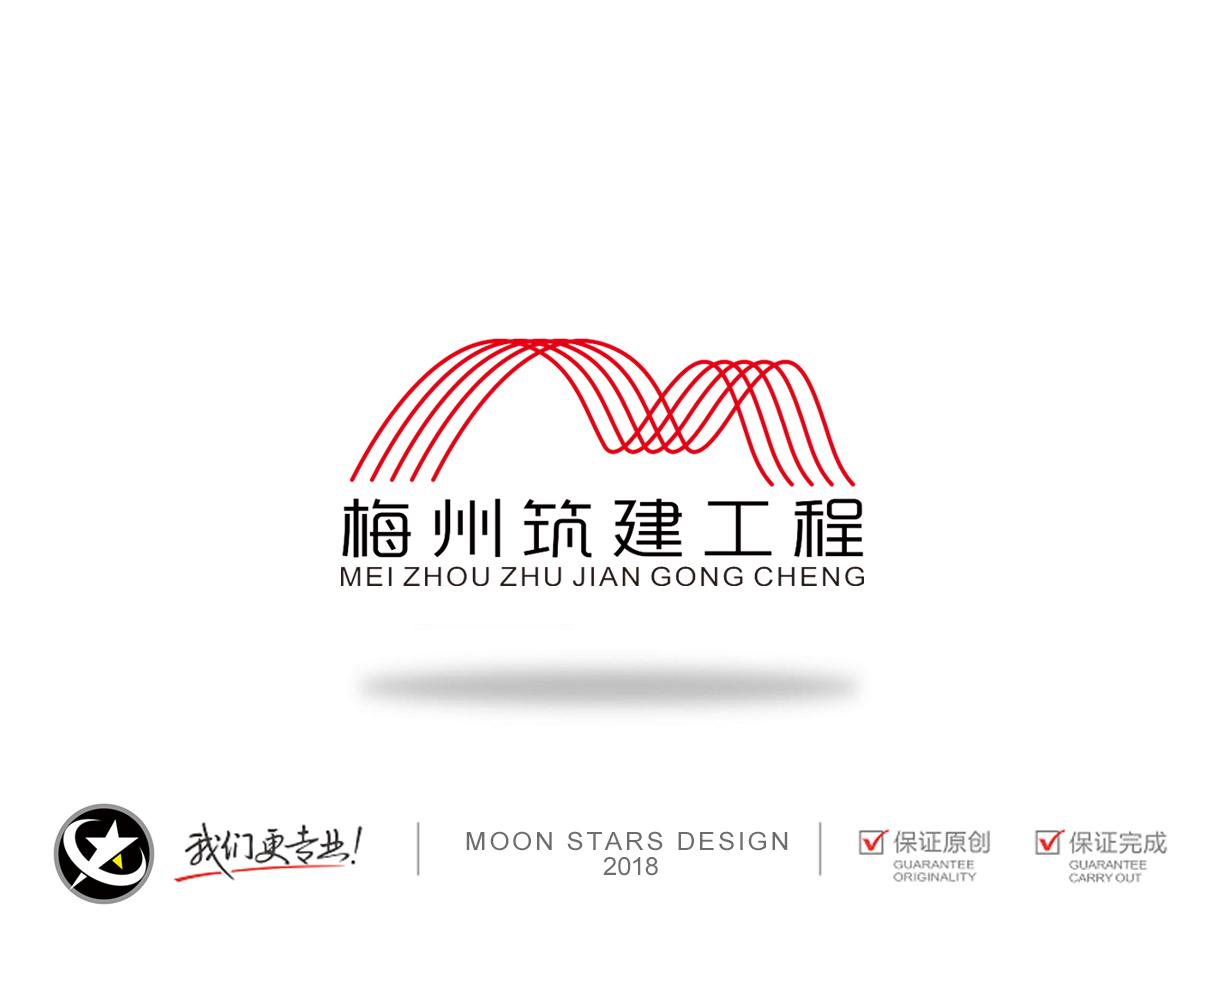 梅州筑建建设管理公司Logo、名片_2962006_k68威客网